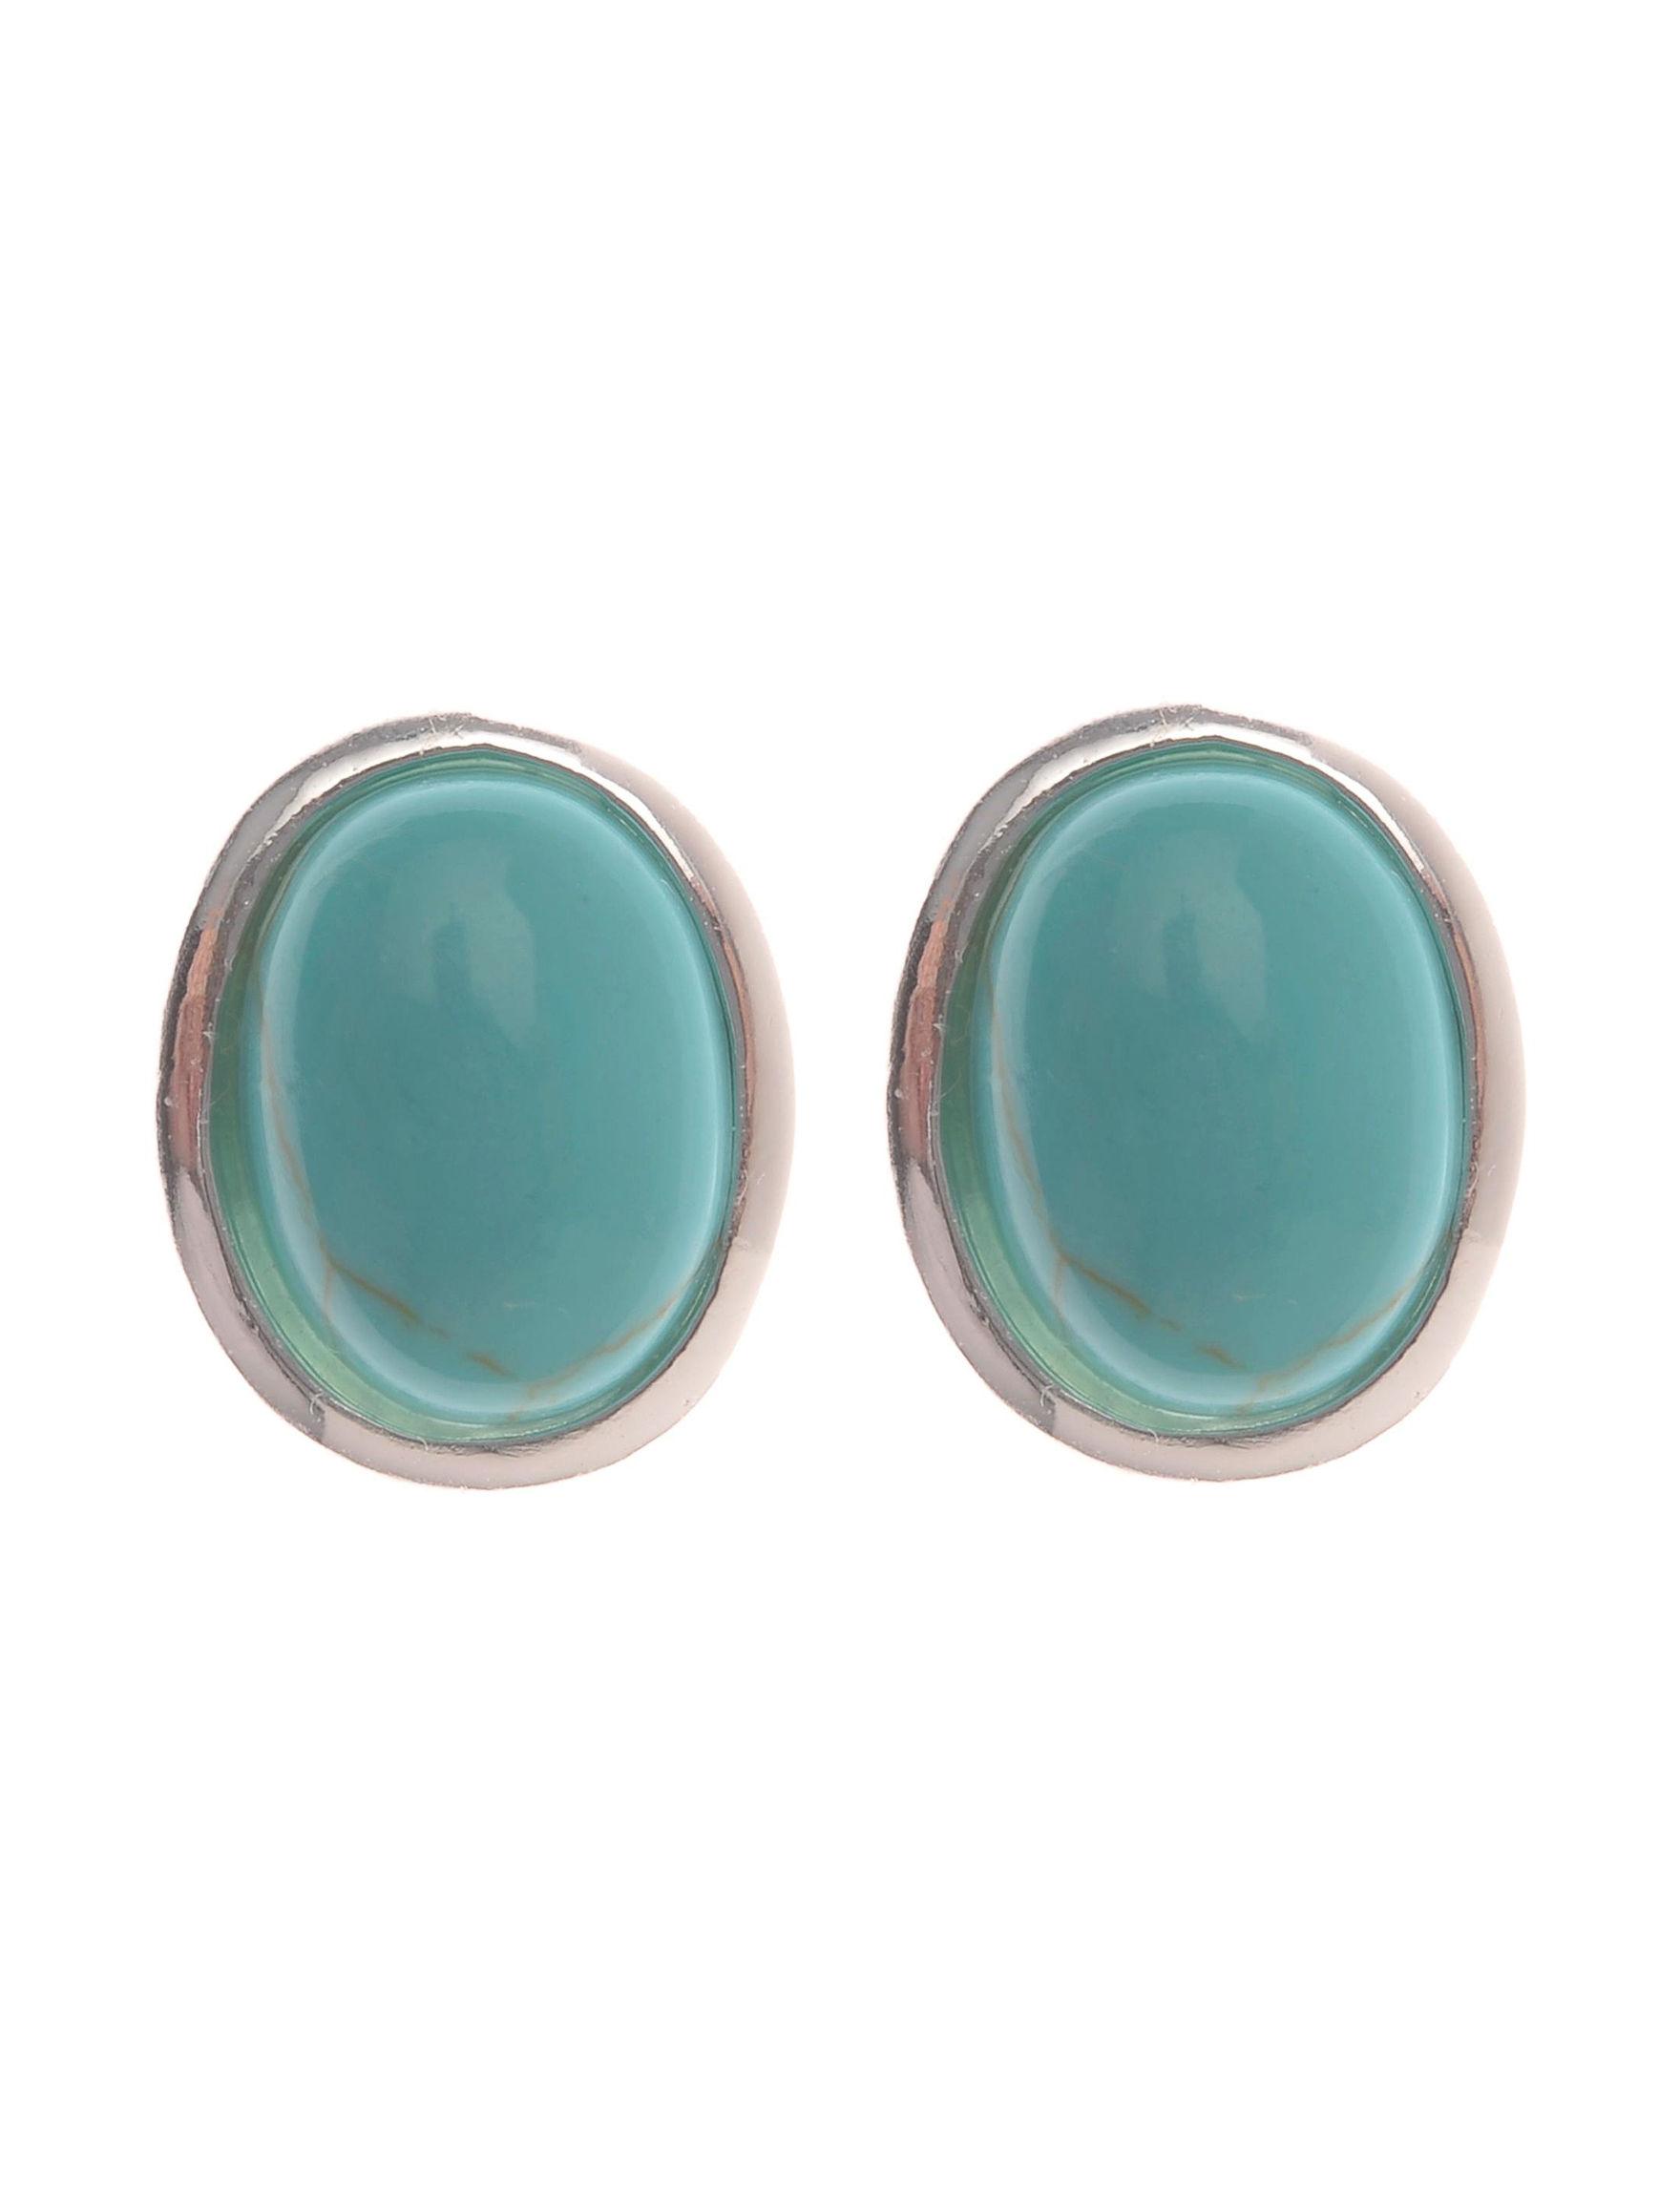 L & J White / Silver Studs Earrings Fine Jewelry